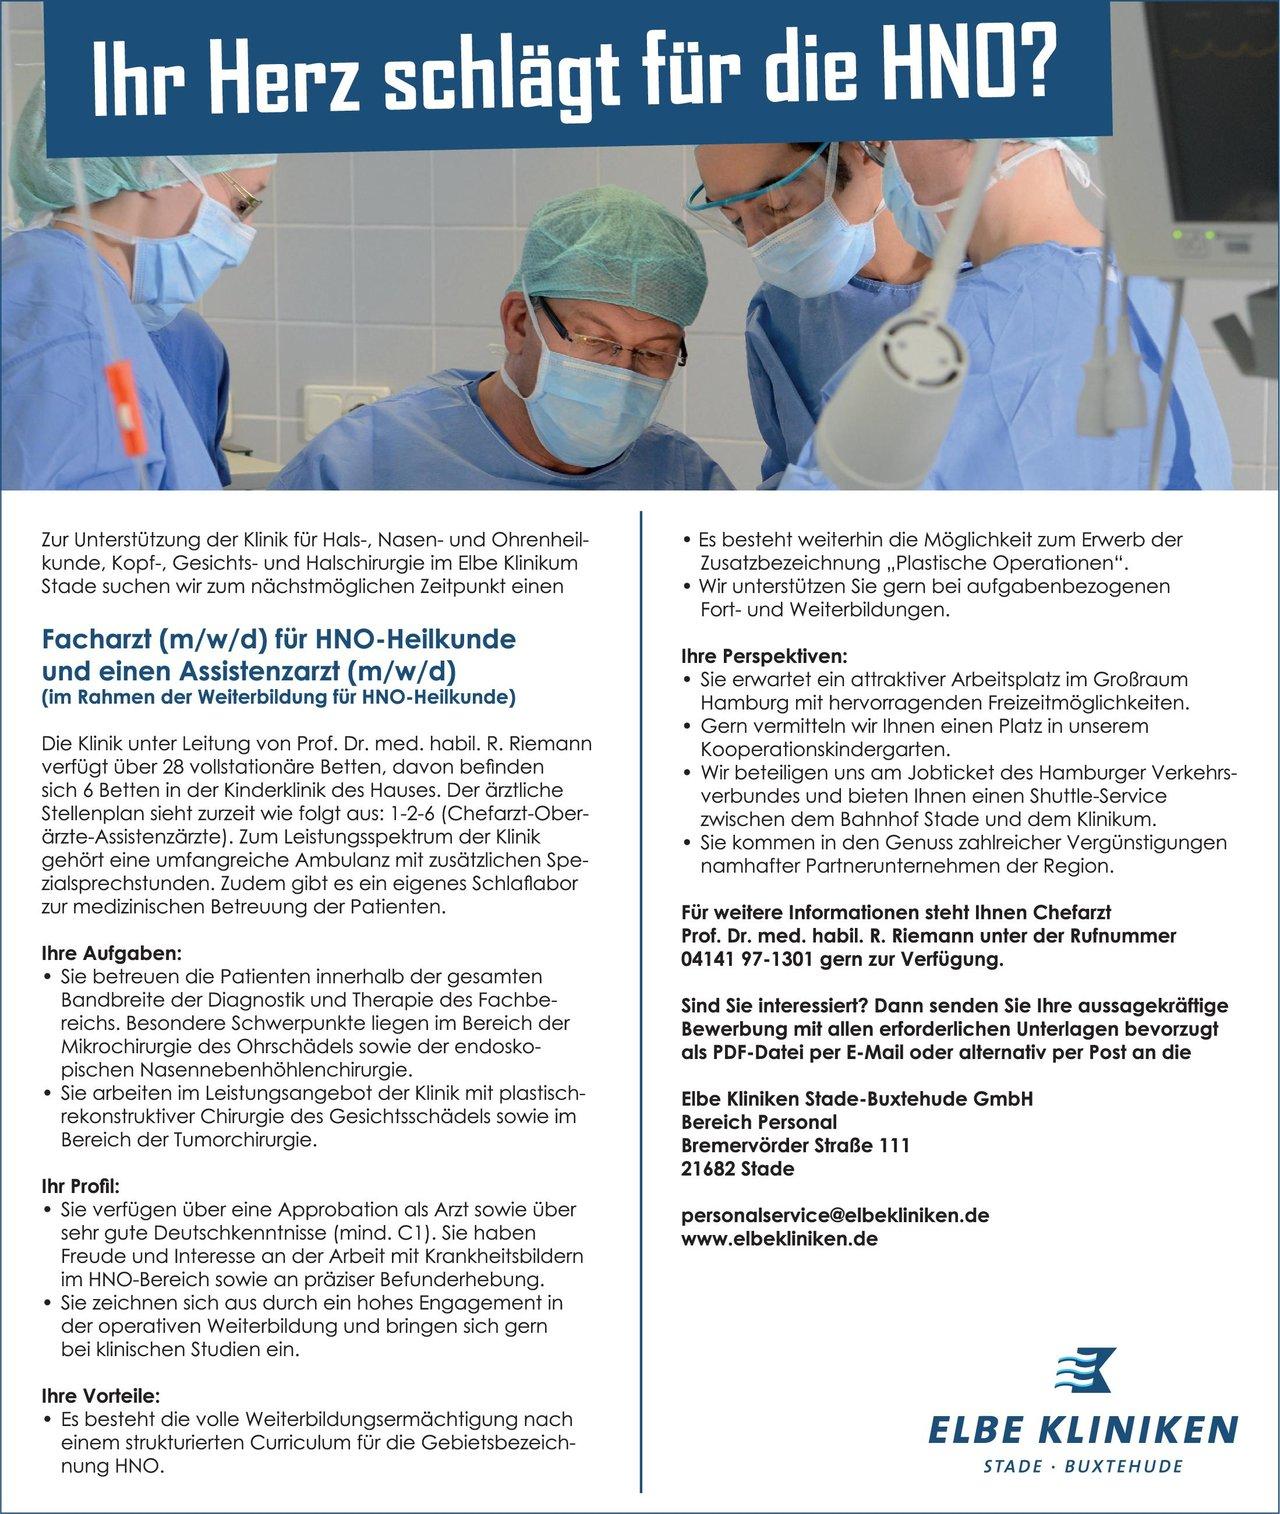 Elbe Kliniken Stade-Buxtehude GmbH Facharzt (m/w/d) für HNO-Heilkunde und einen Assistenzarzt (m/w/d)  Hals-Nasen-Ohrenheilkunde, Hals-Nasen-Ohrenheilkunde Arzt / Facharzt